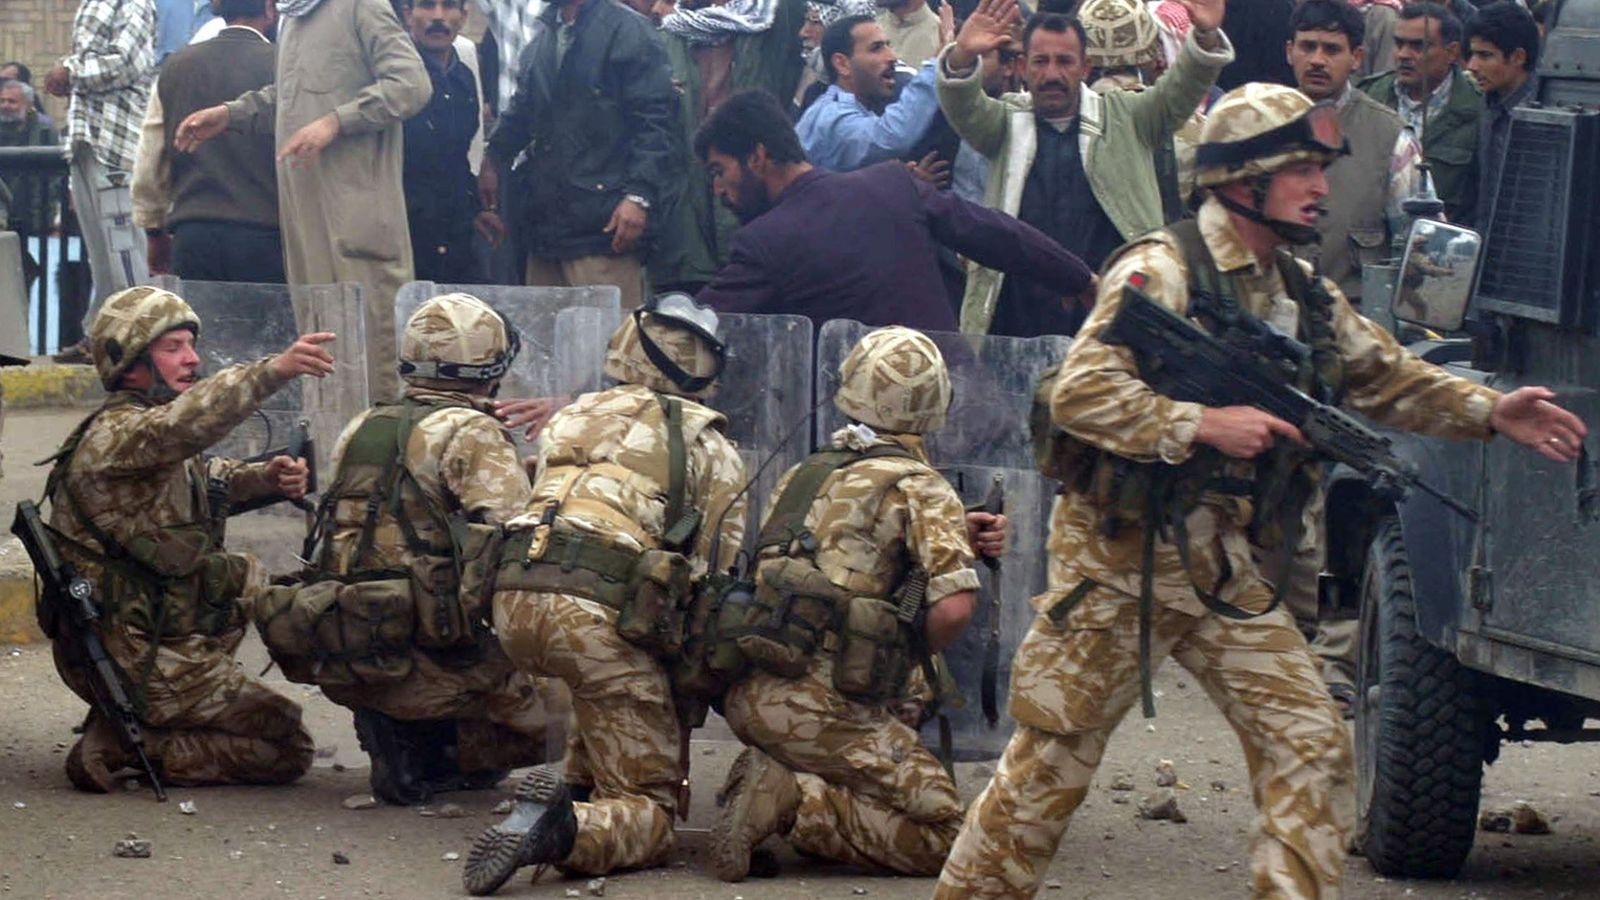 Foto: Soldados británicos en la ciudad iraquí de Basora durante una protesta, en enero de 2004 (Reuters)